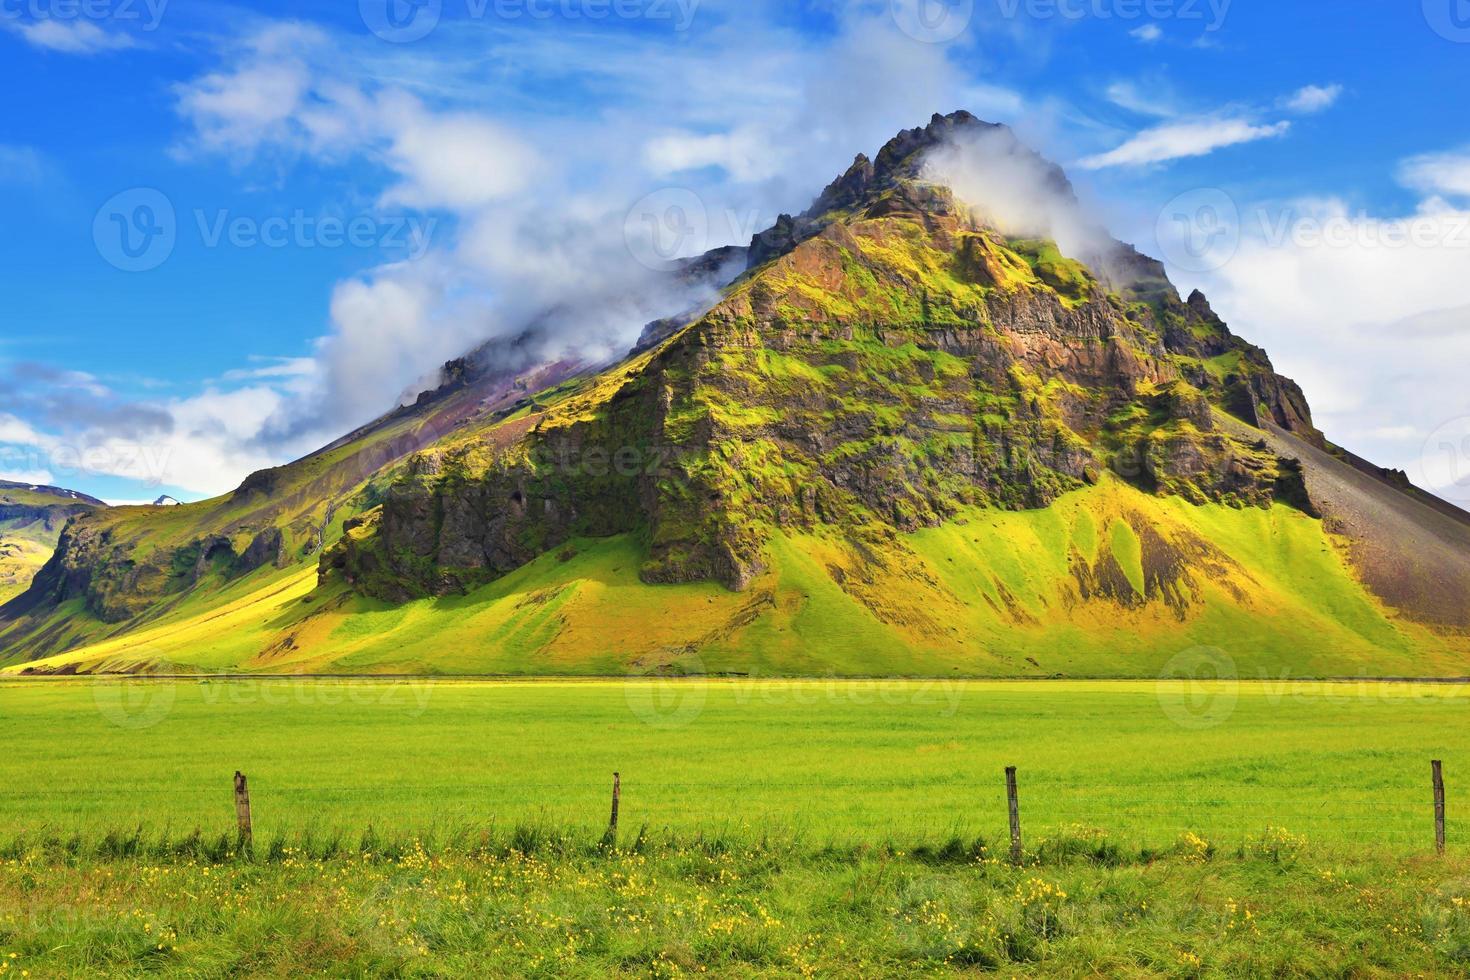 tipico paesaggio per l'estate in islanda foto